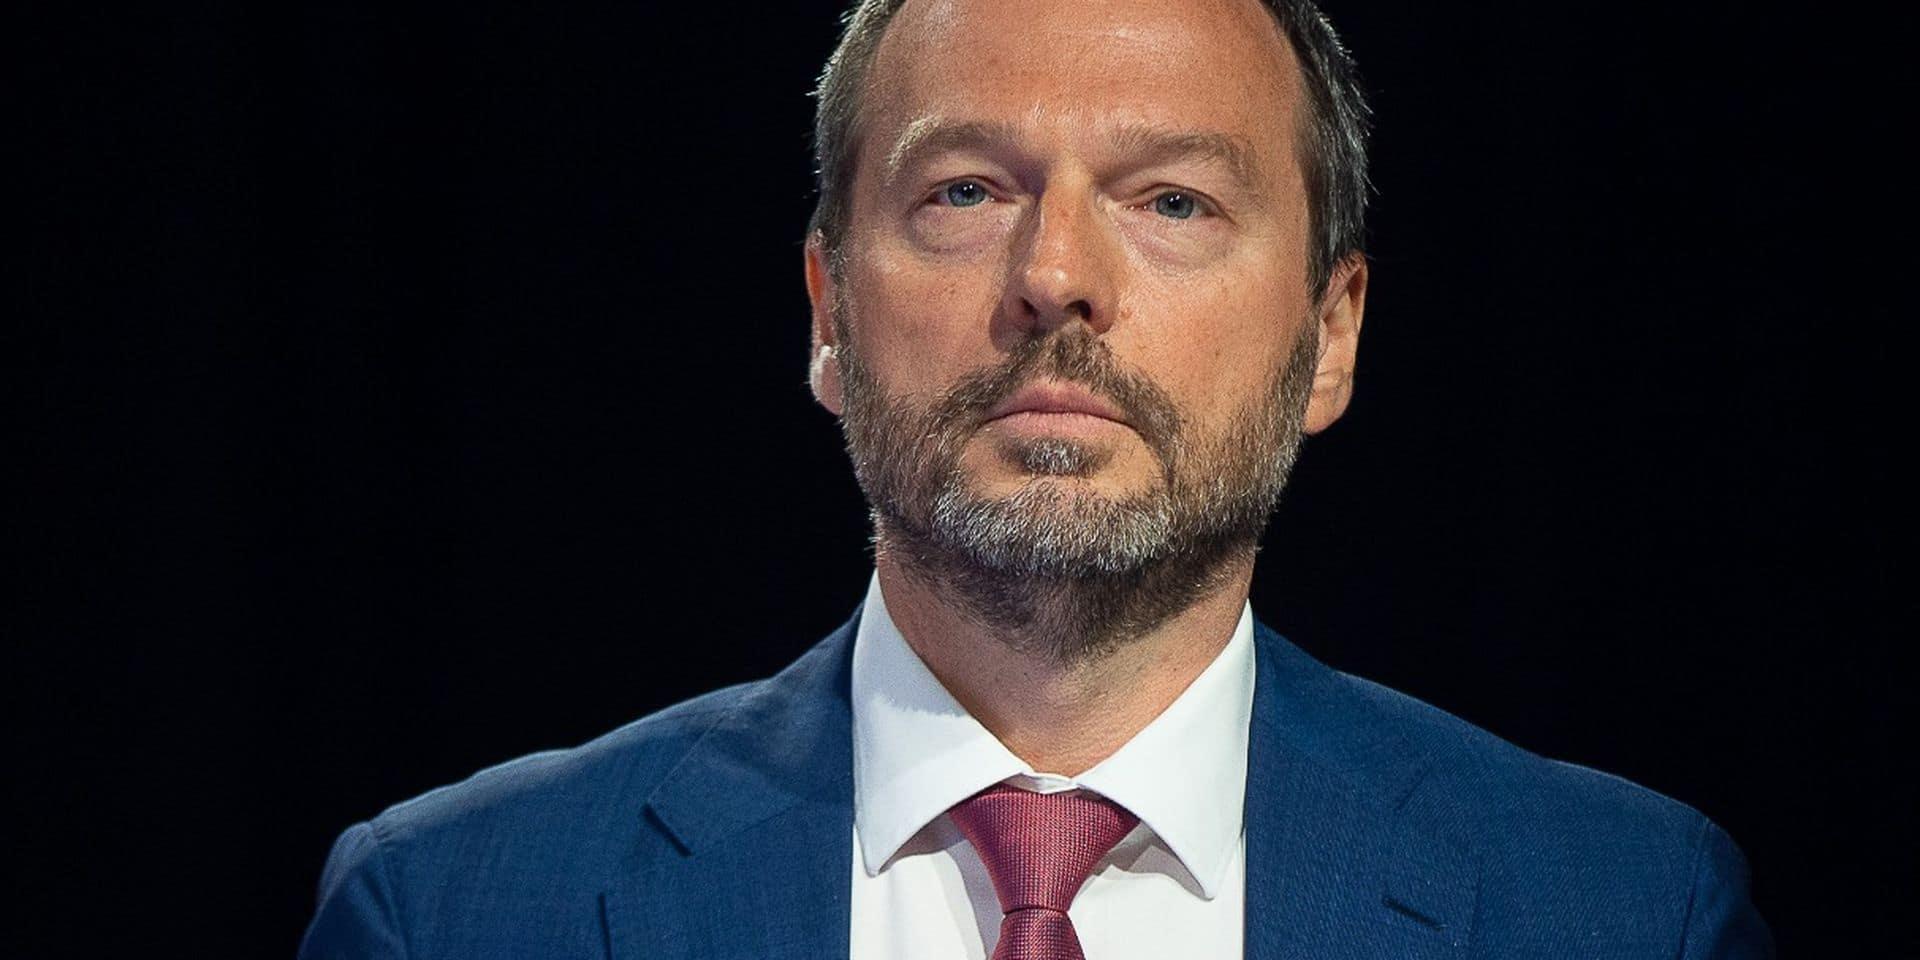 La Banque nationale de Belgique attaquée en justice pour atteinte au climat